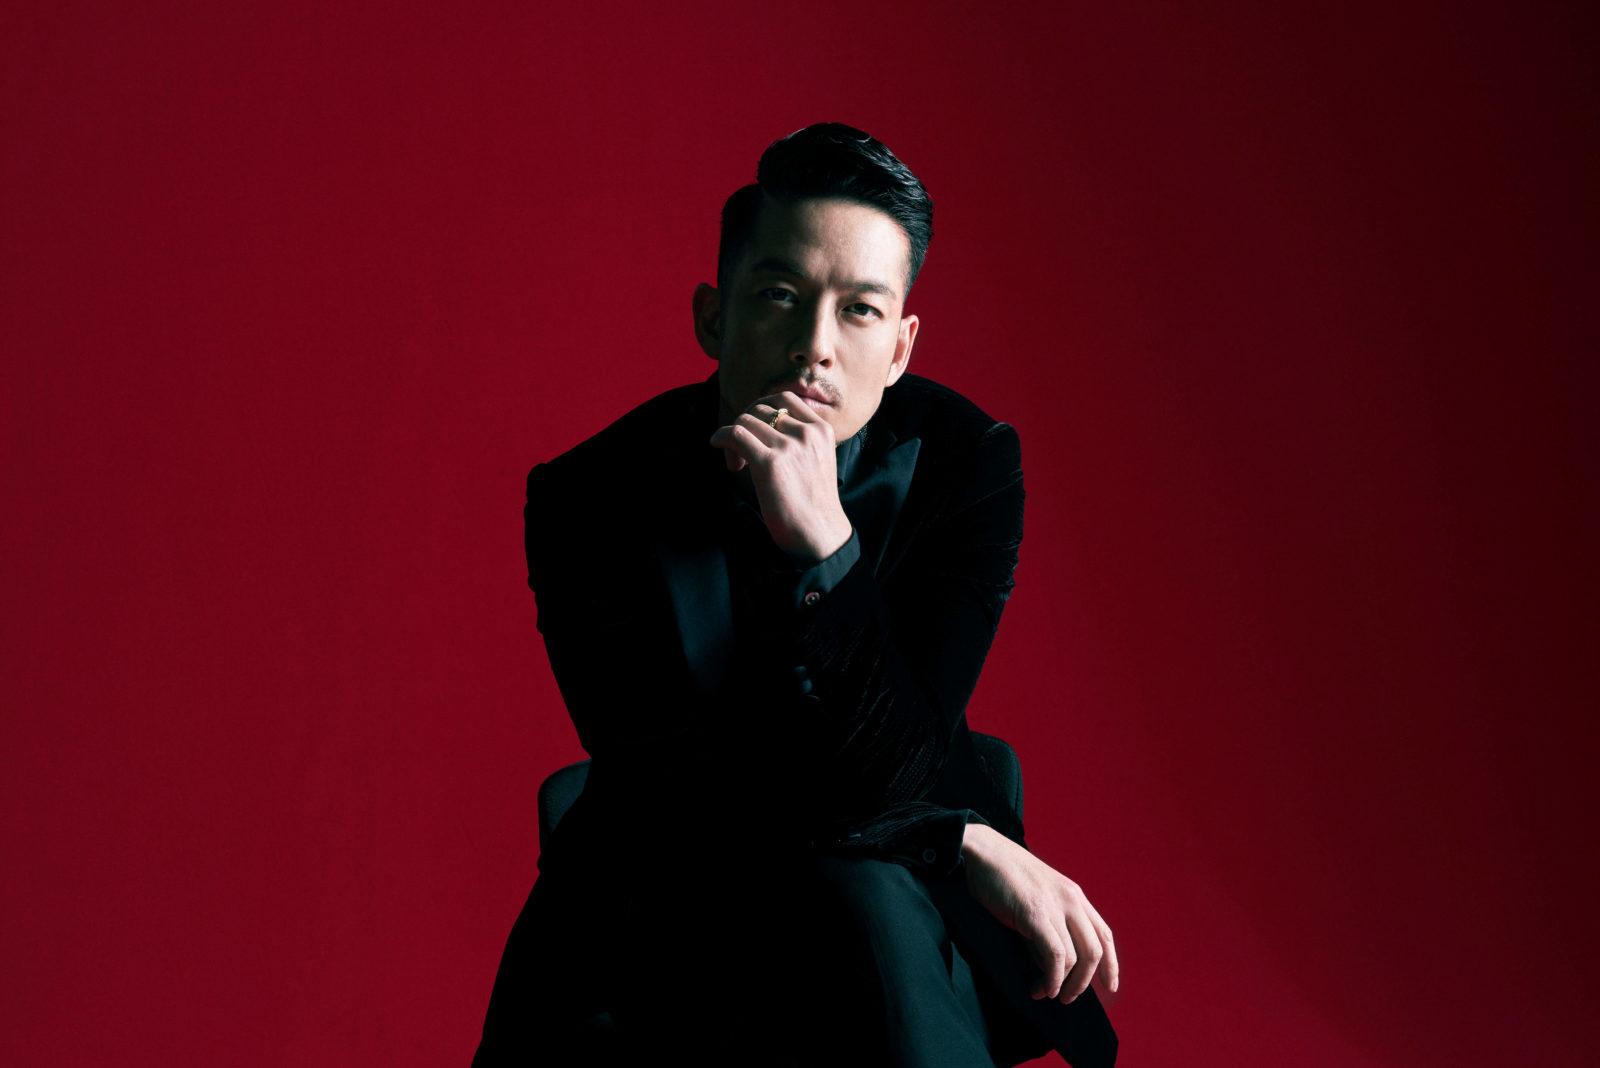 清木場俊介、2年半ぶりとなるオリジナルアルバム『CHANGE』発売サムネイル画像